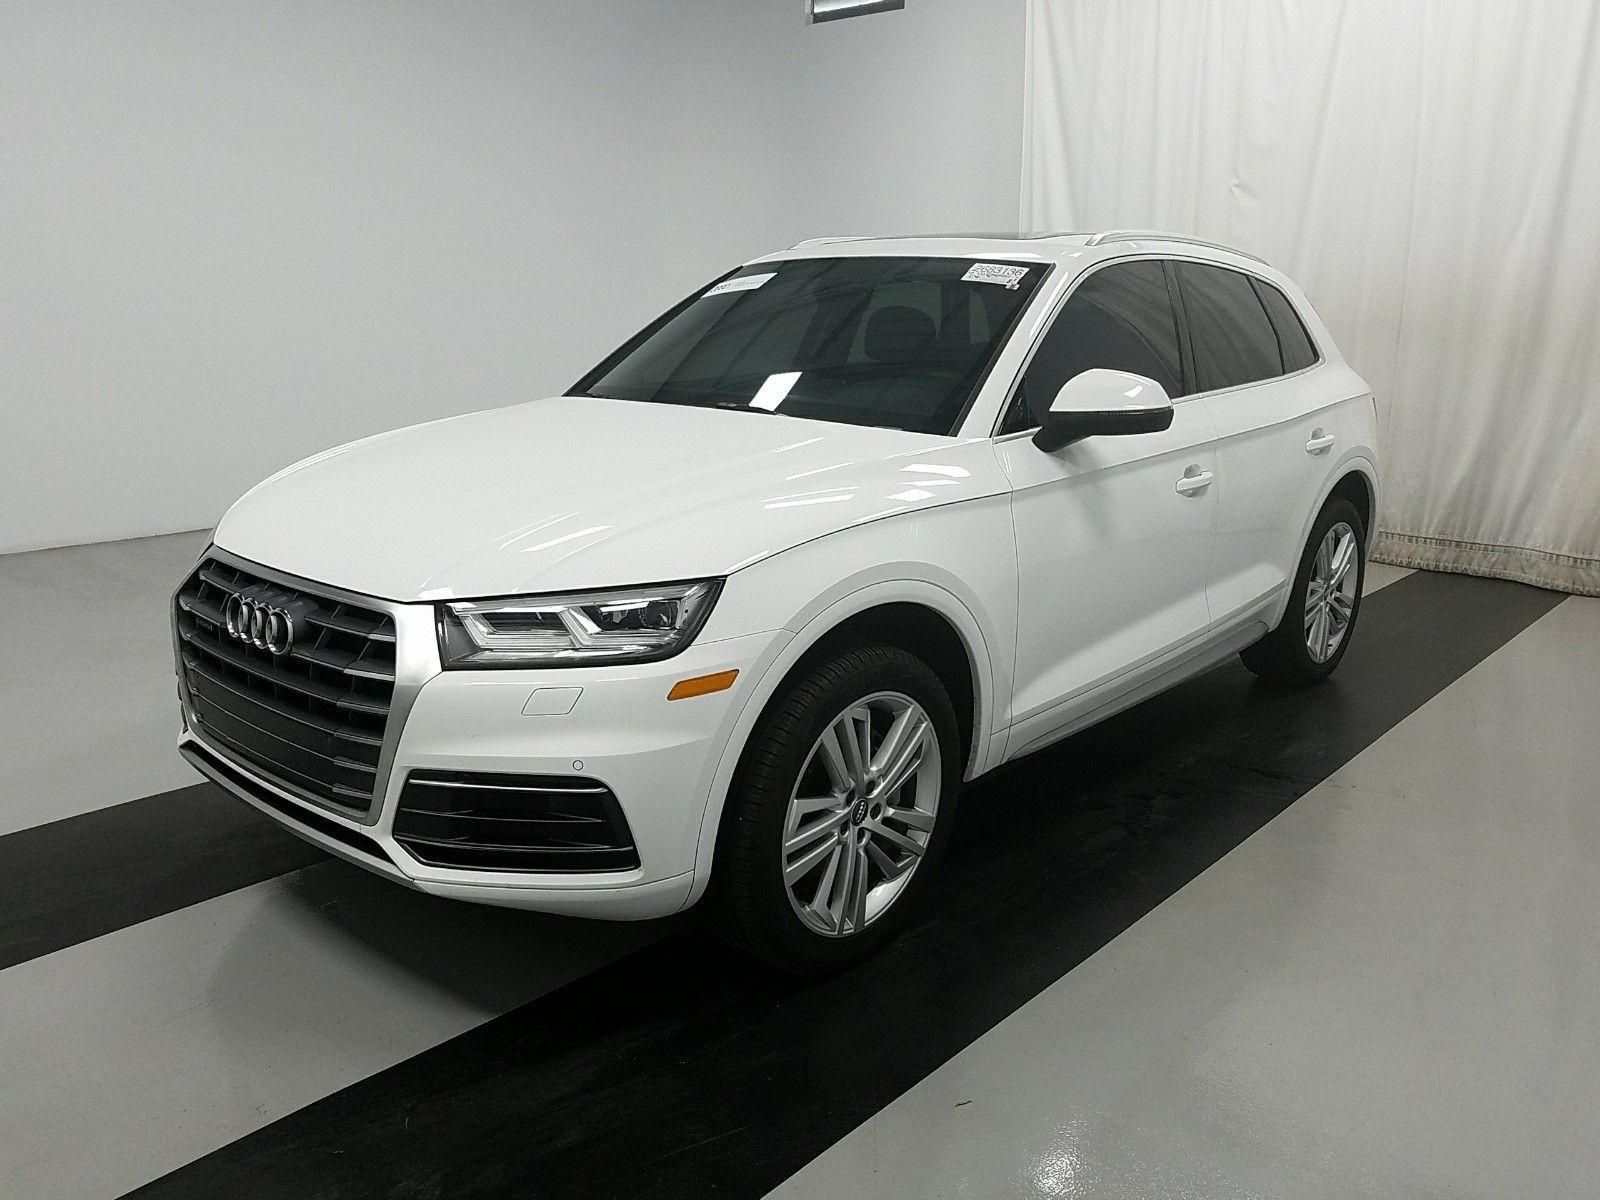 2018 Audi Q5 2.0. Lot 99914038748 Vin WA1BNAFY0J2010492